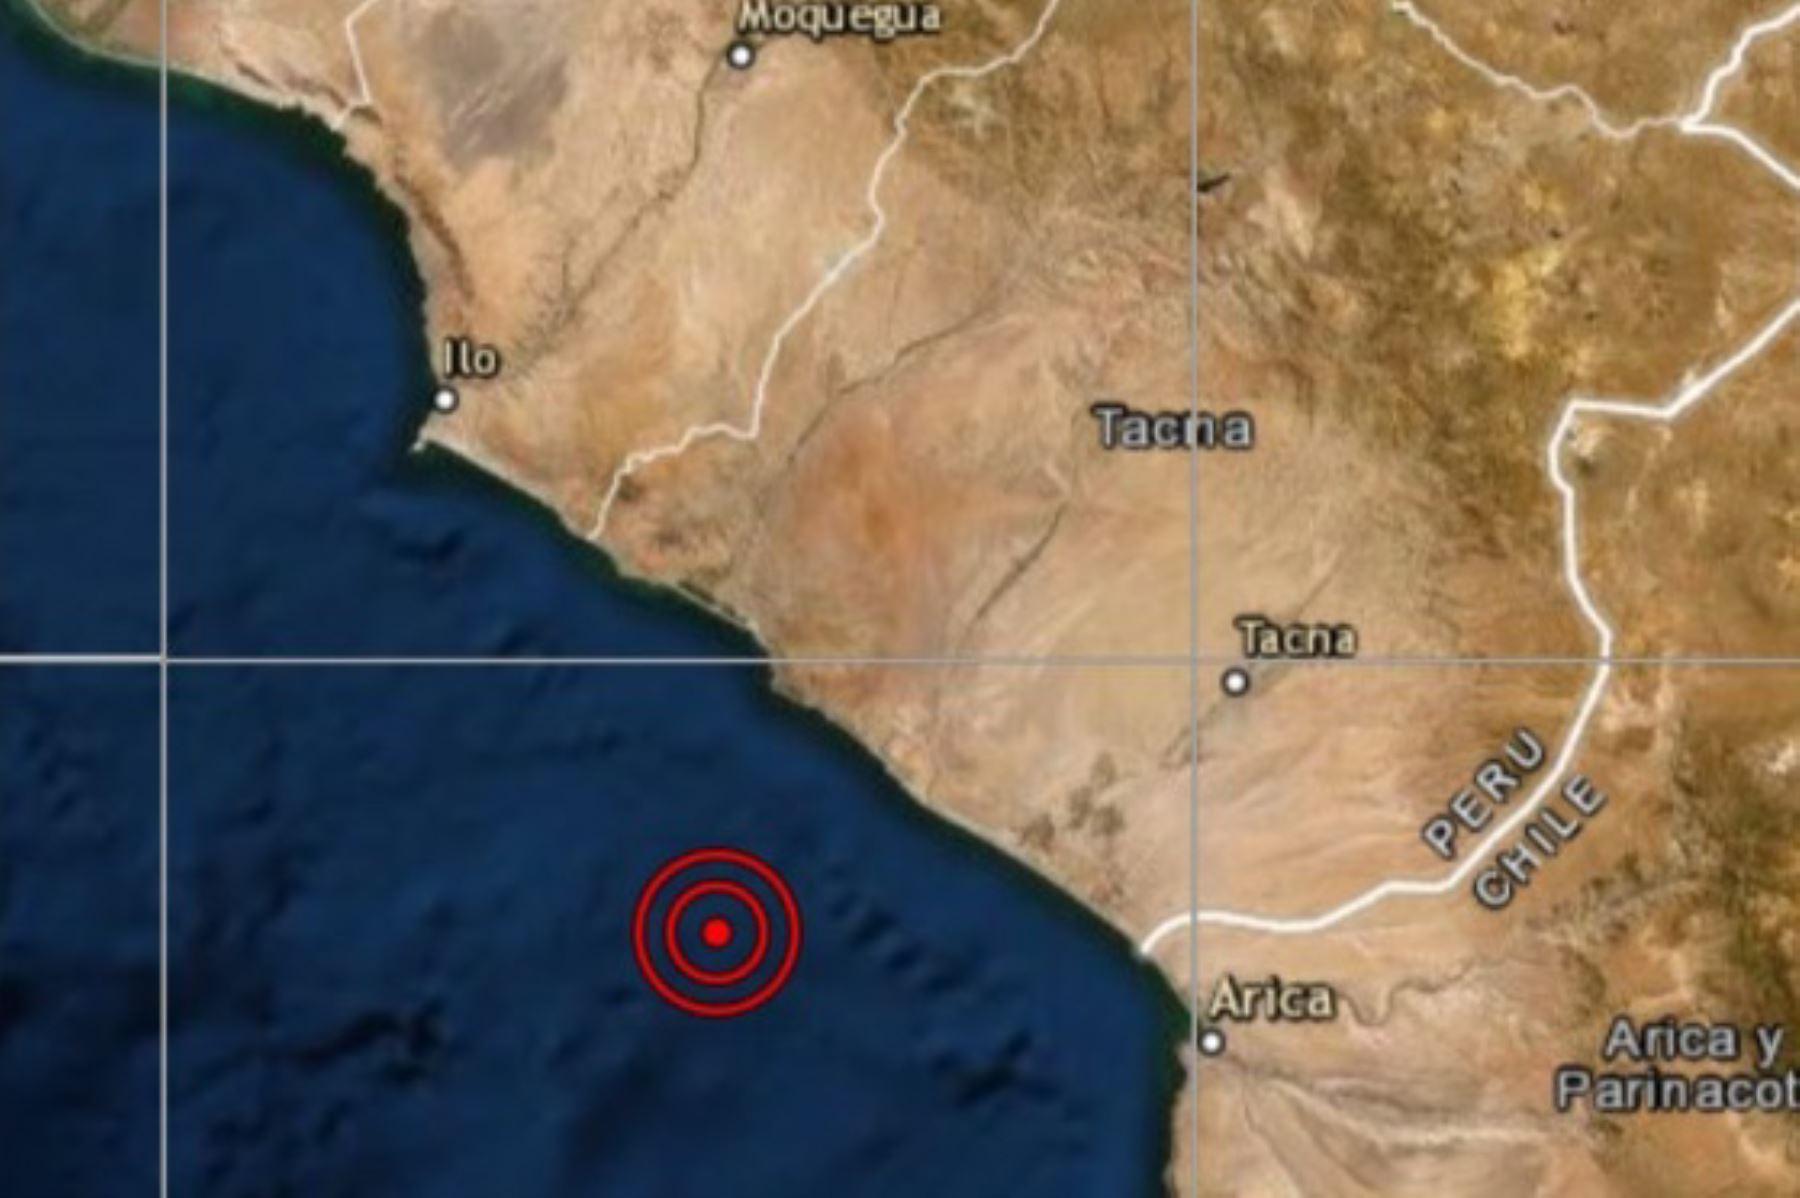 Descartan daños por sismo de magnitud 5.5 que remeció Tacna esta madrugada. Su epicentro se ubicó en el océano Pacífico.